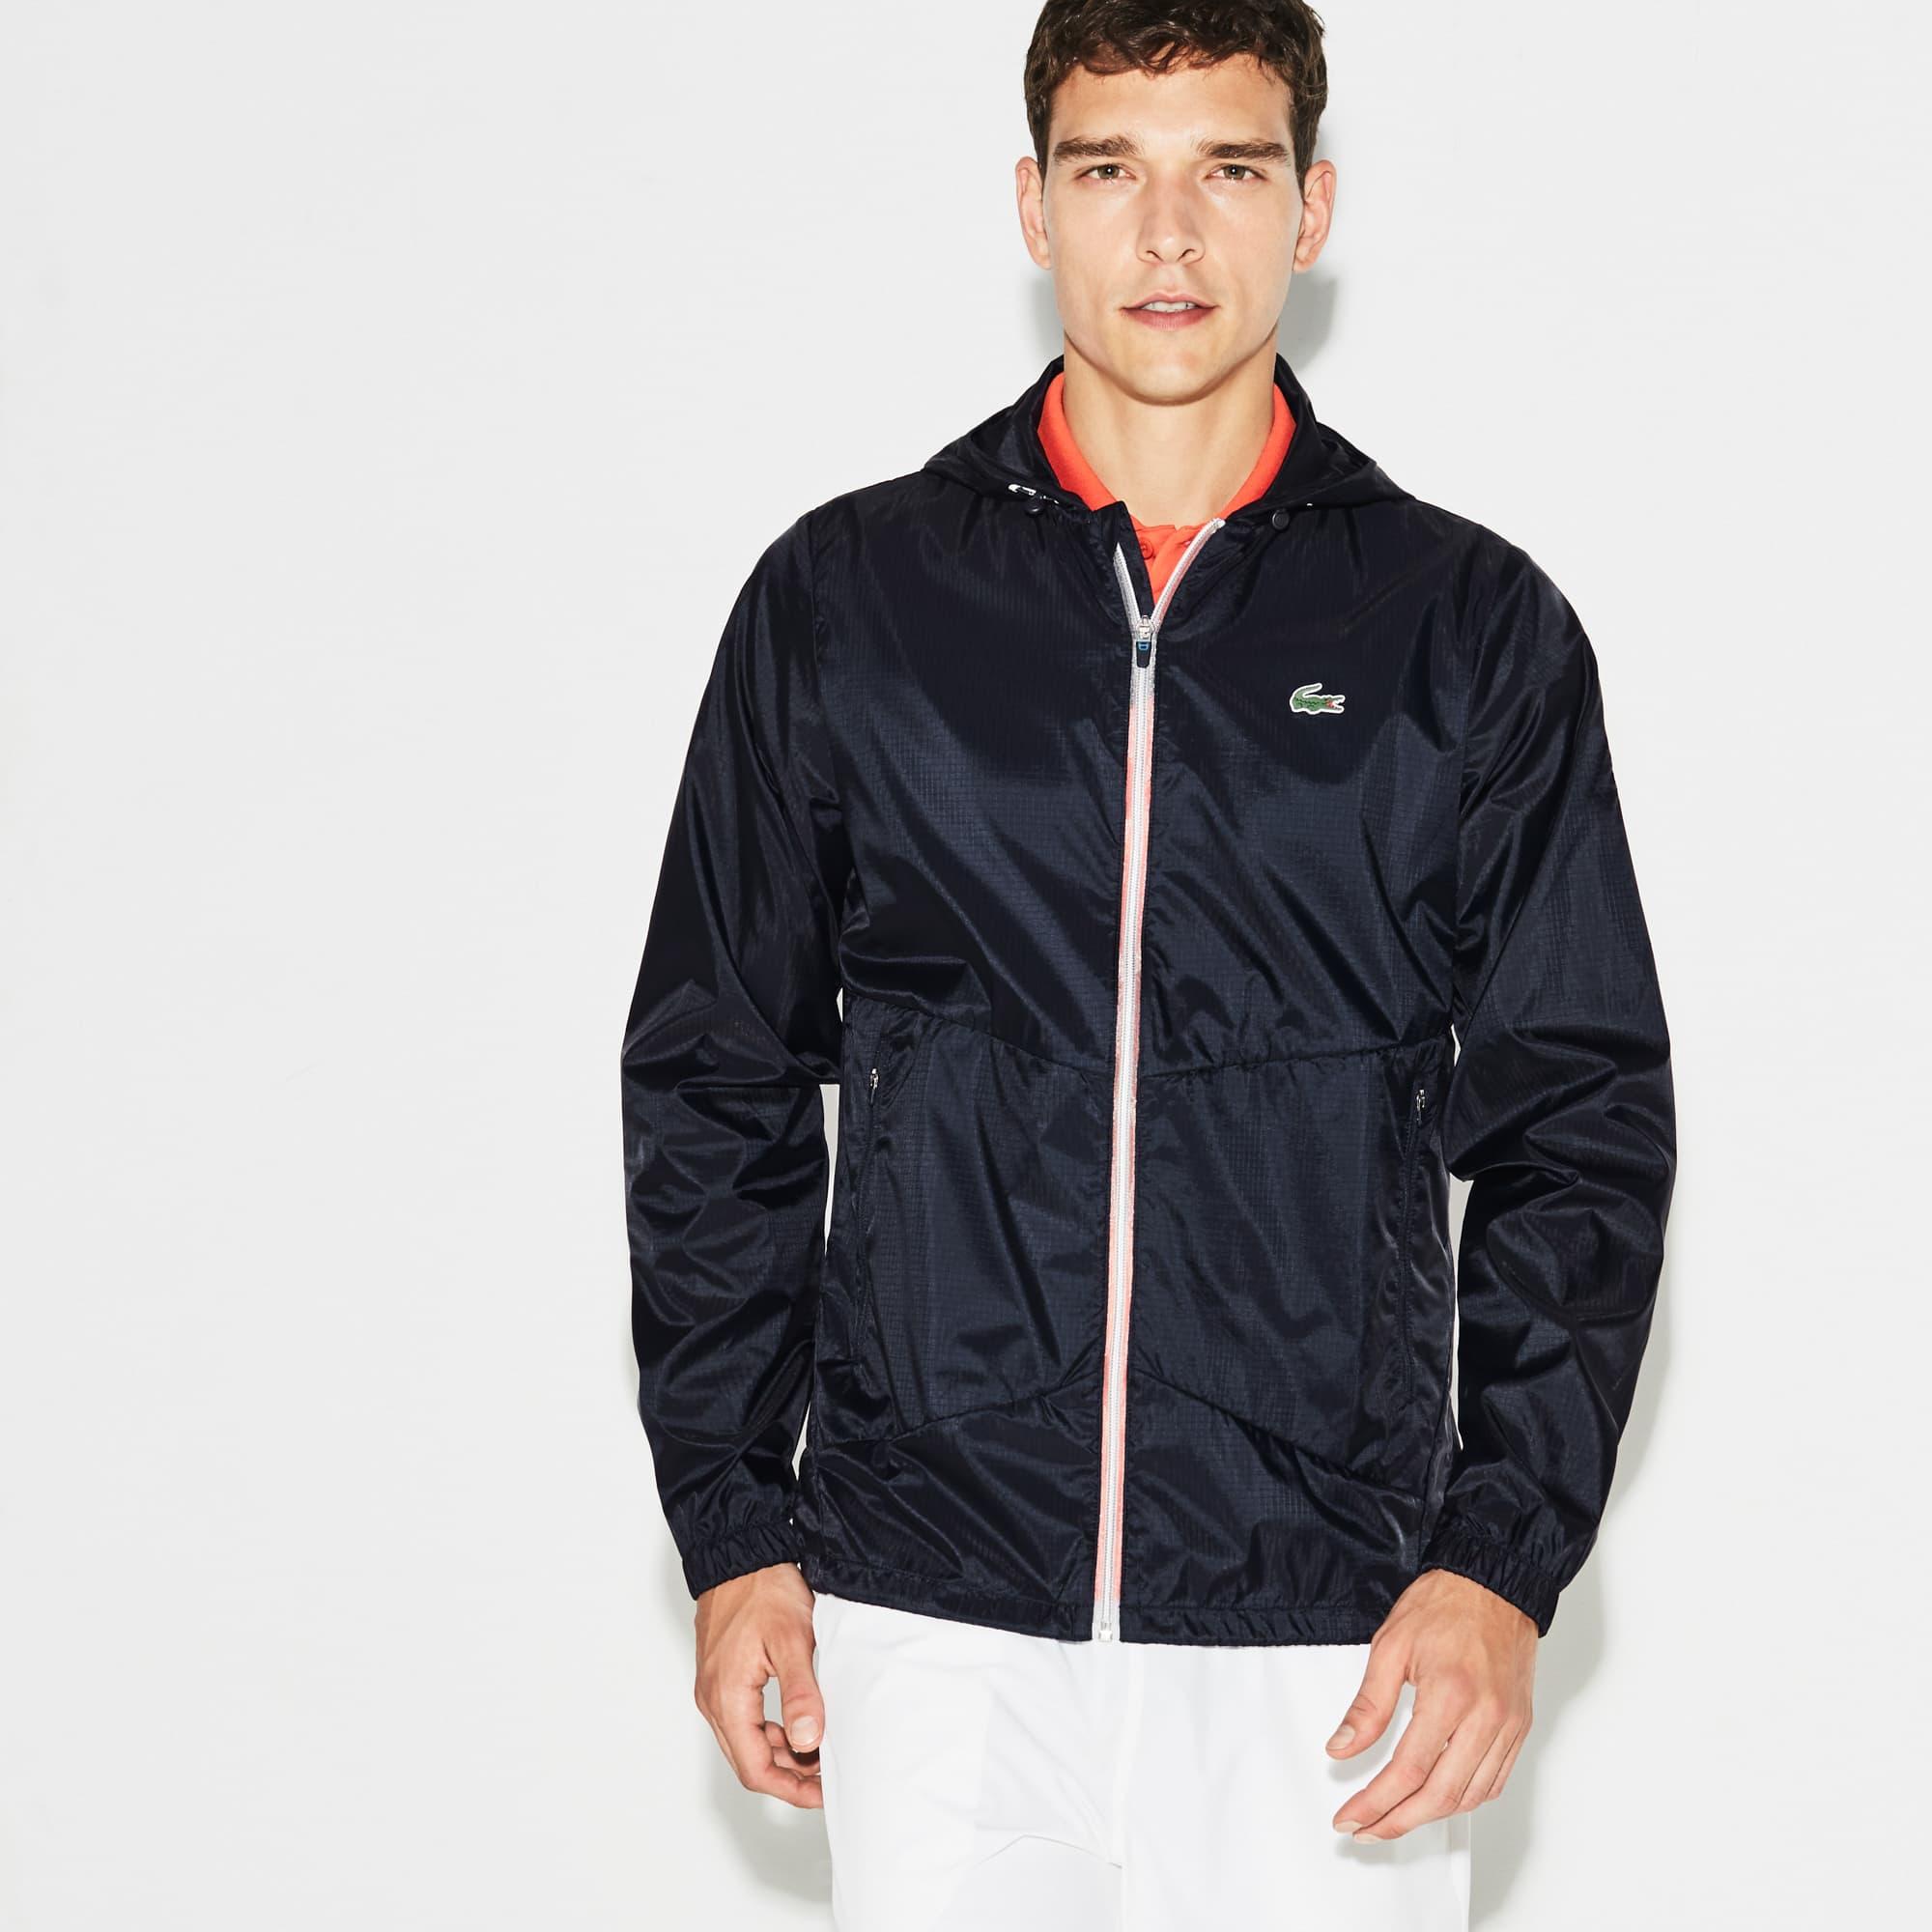 Veste Lacoste Collection pour Novak Djokovic - Édition Terre Battue Exclusive